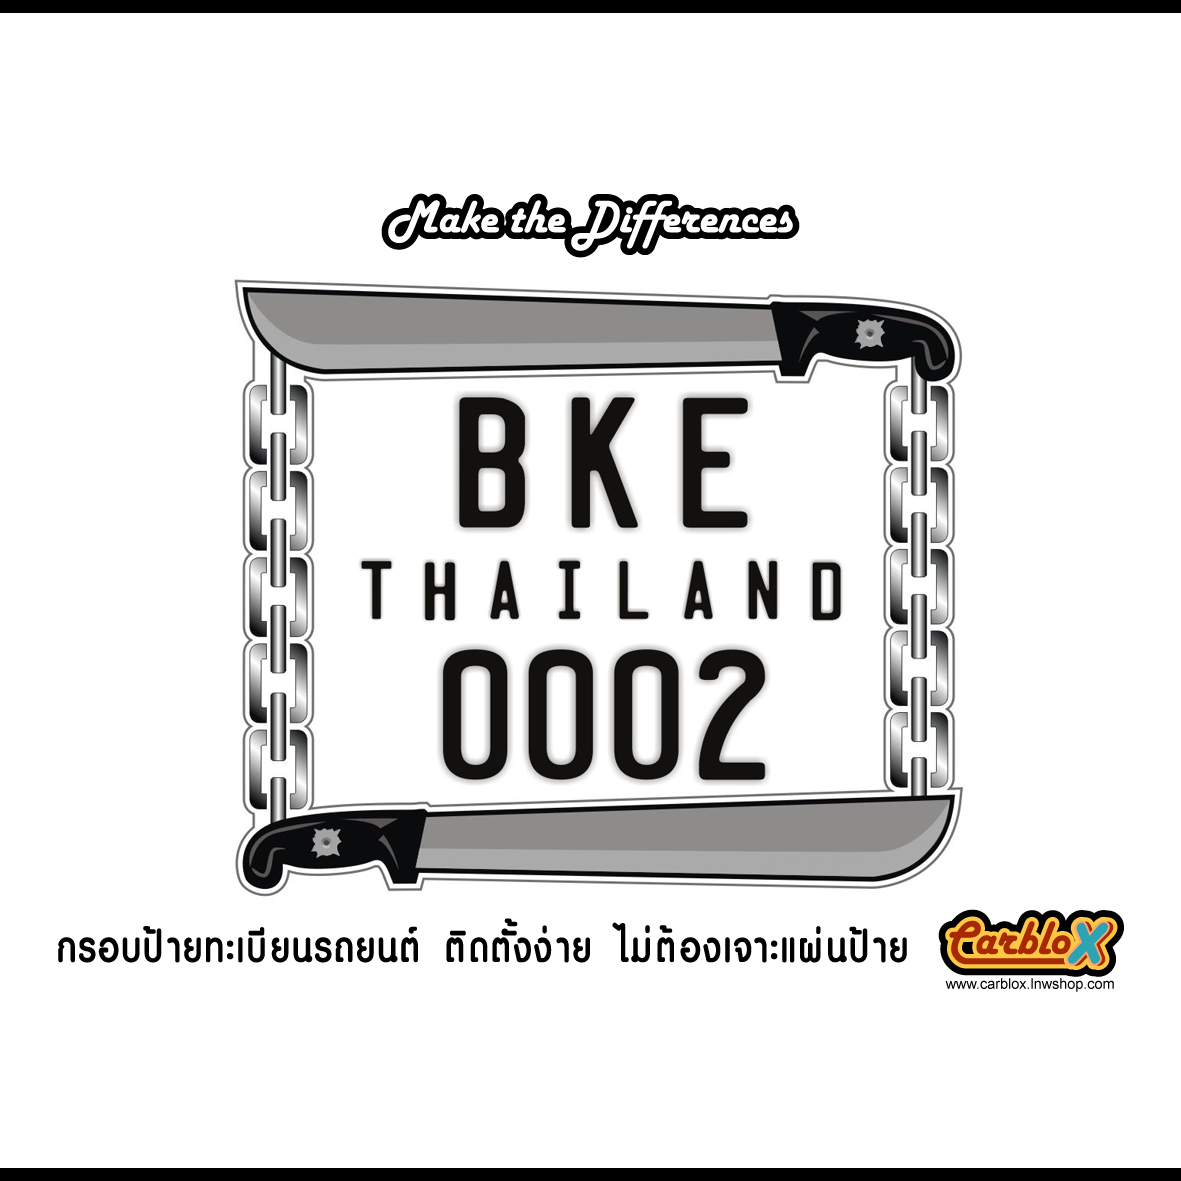 กรอบป้ายทะเบียนมอเตอร์ไซด์ BKE 0002 BY CARBLOX